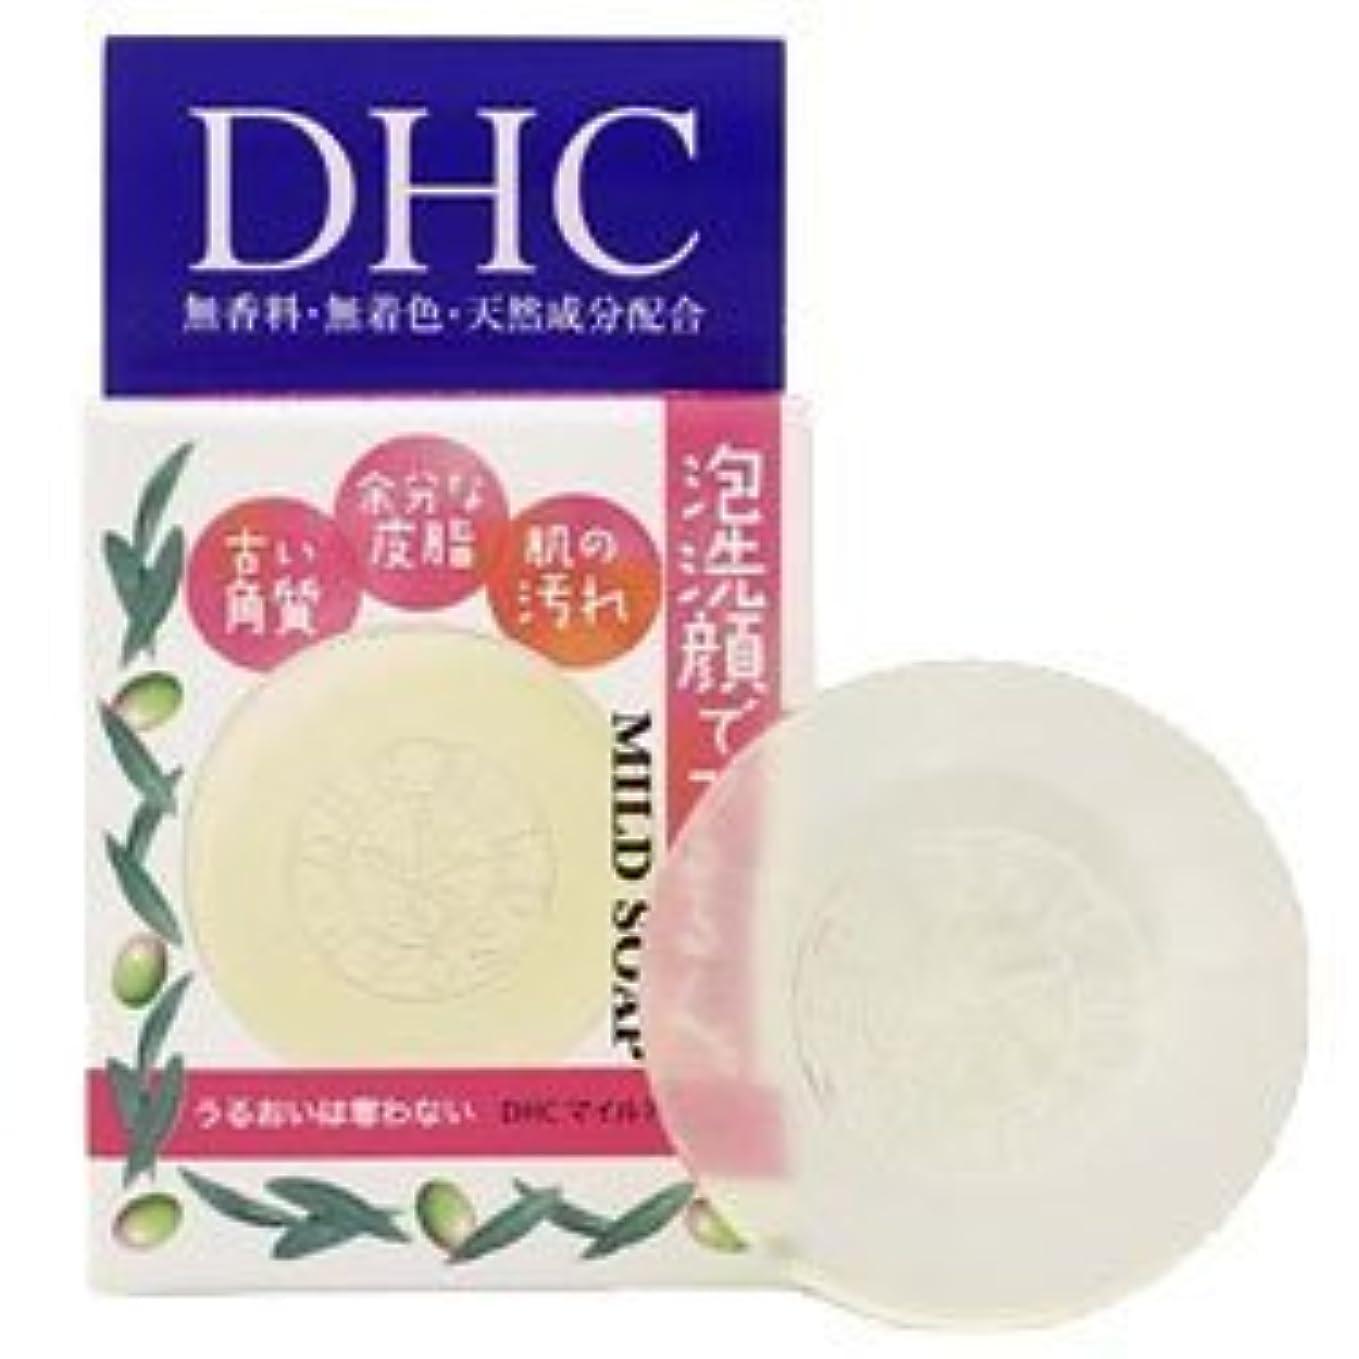 フライカイト物質宿泊施設【DHC】DHC マイルドソープ(SS) 35g ×5個セット